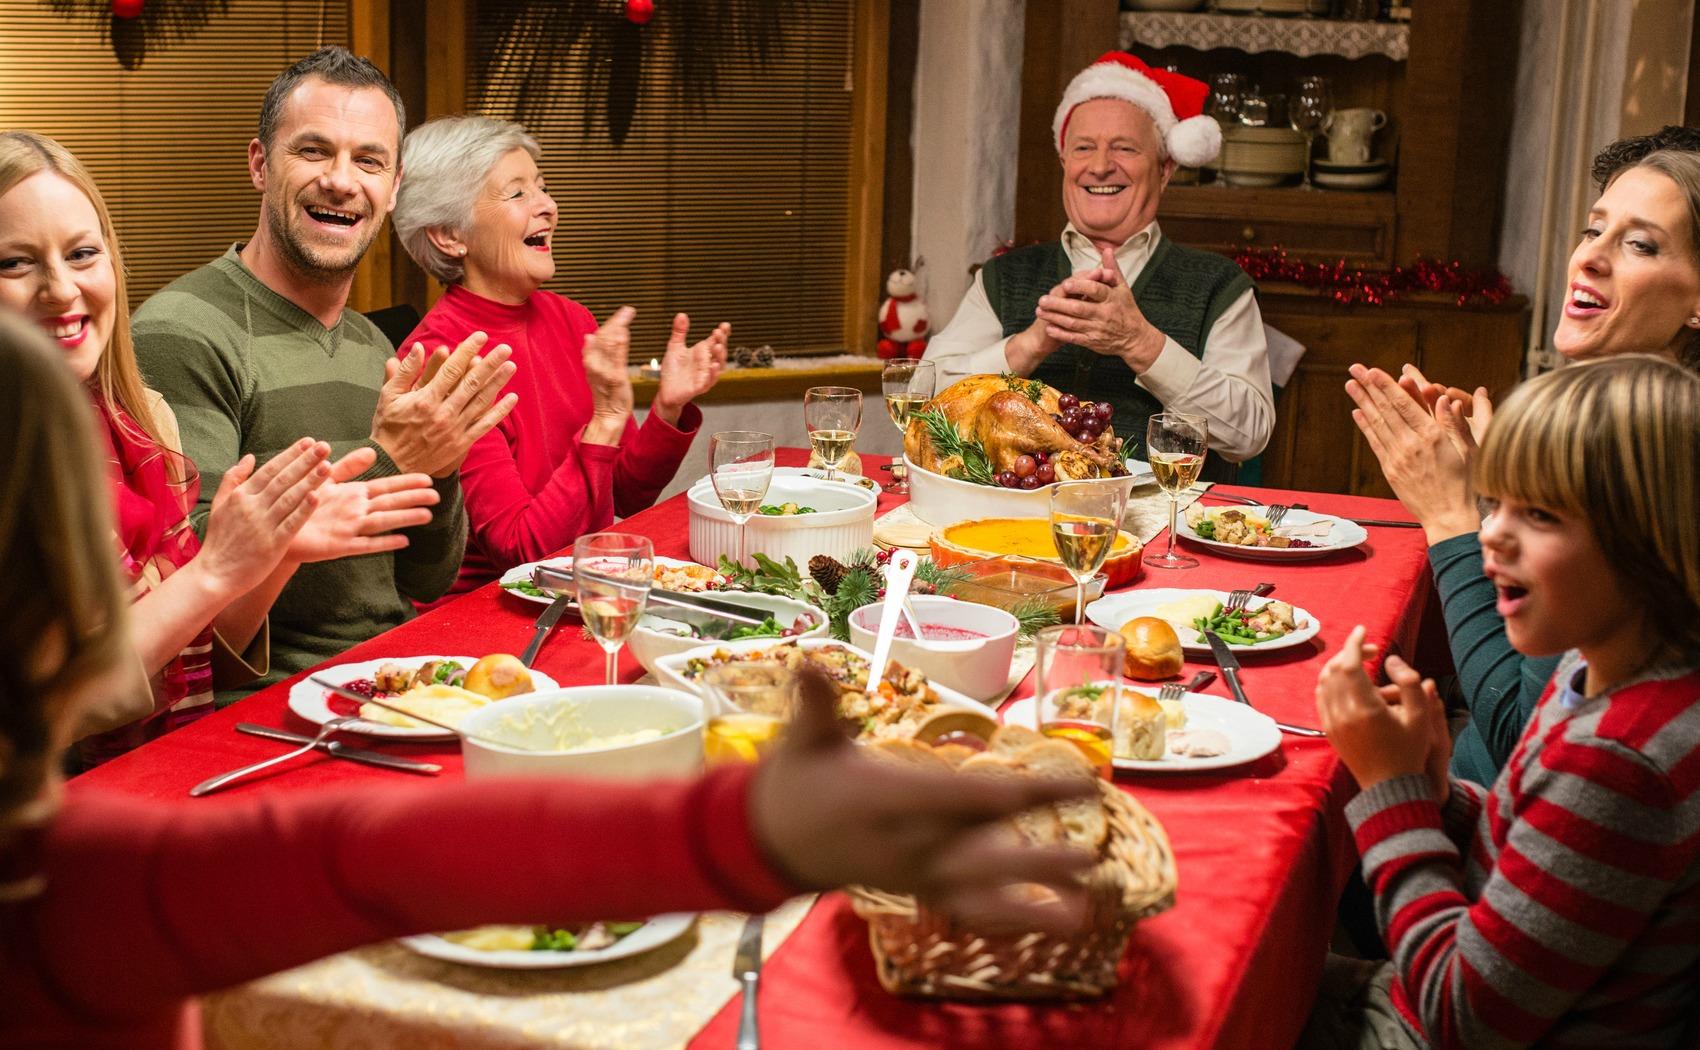 Immagini Di Natale In Famiglia.Natale In Famiglia Come Sopravvivere